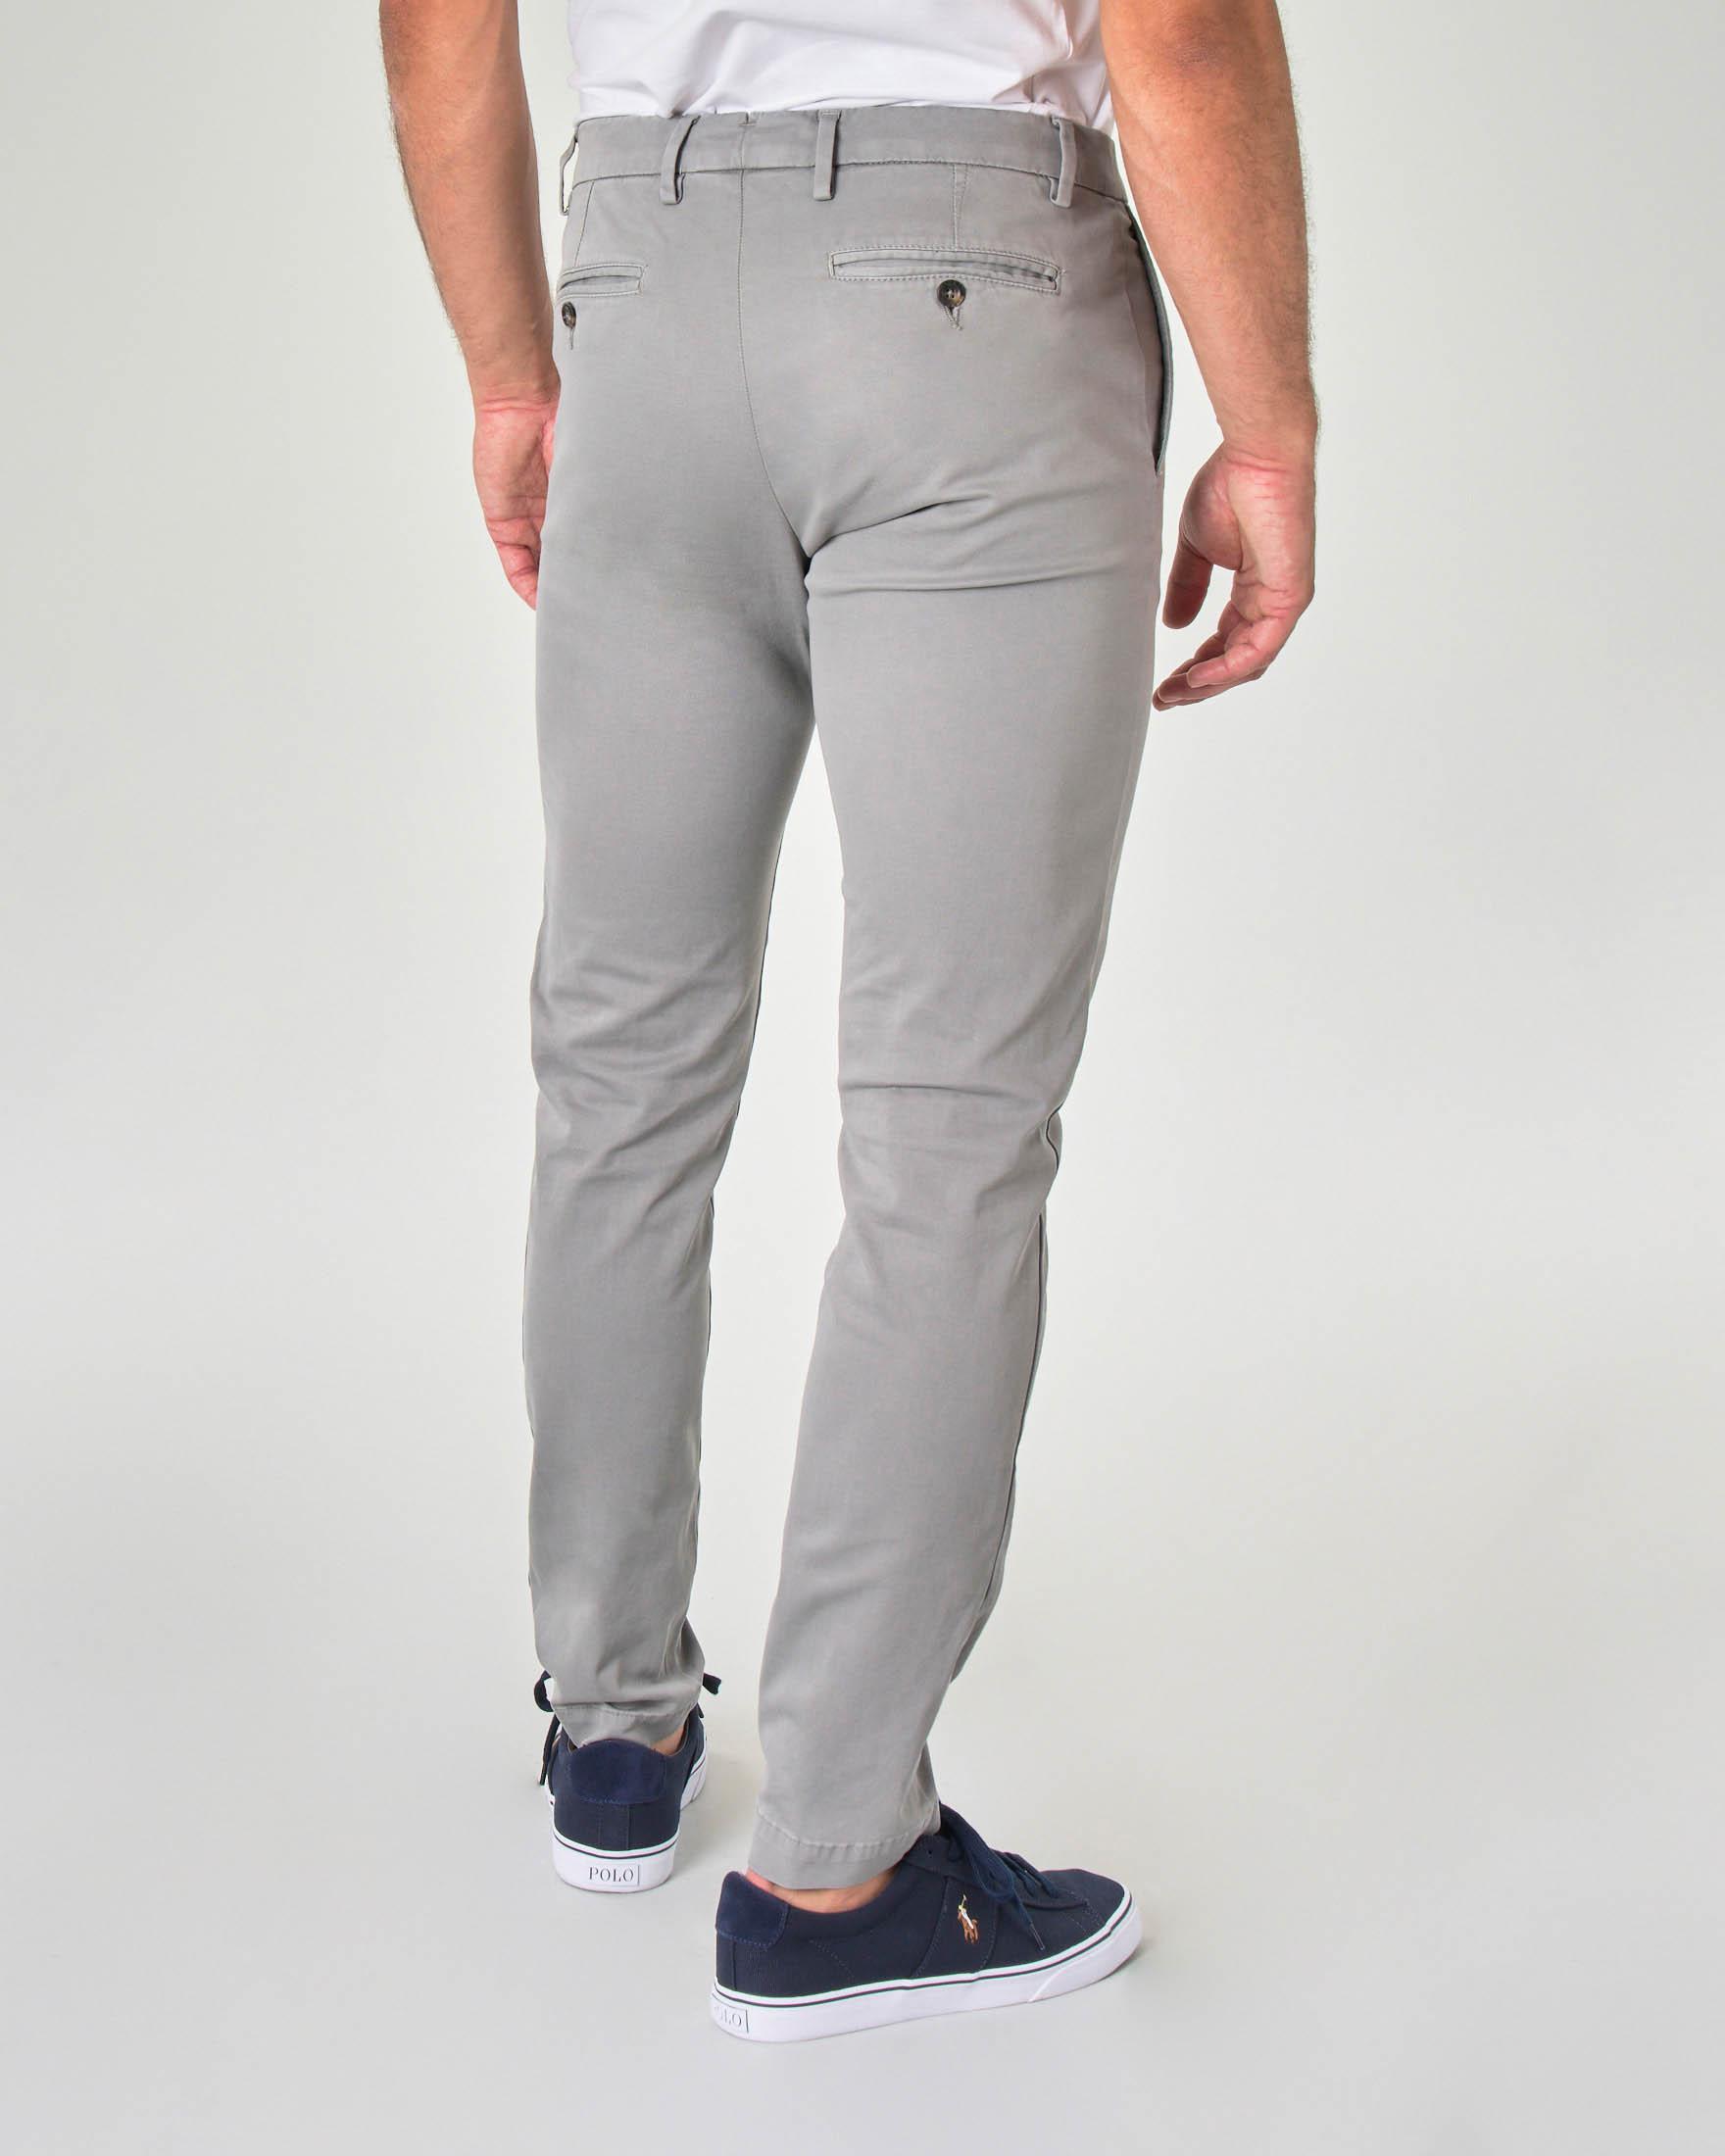 Pantalone chino grigio in tricotina di cotone stretch